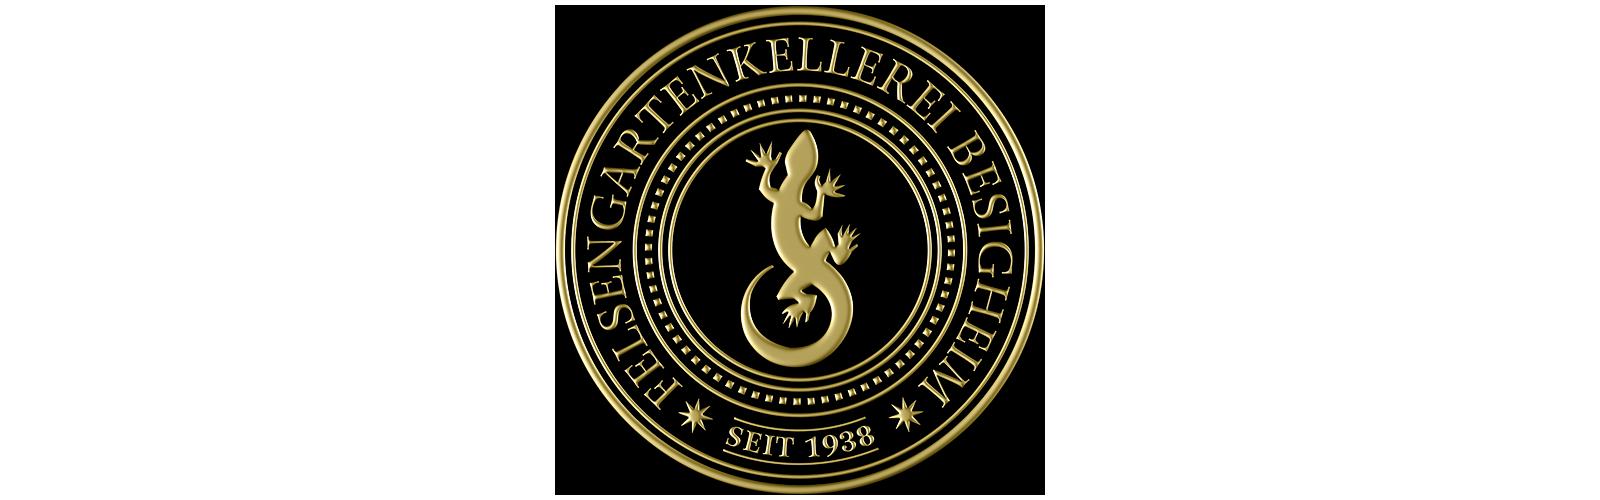 Felsengarten Weinkult-tour